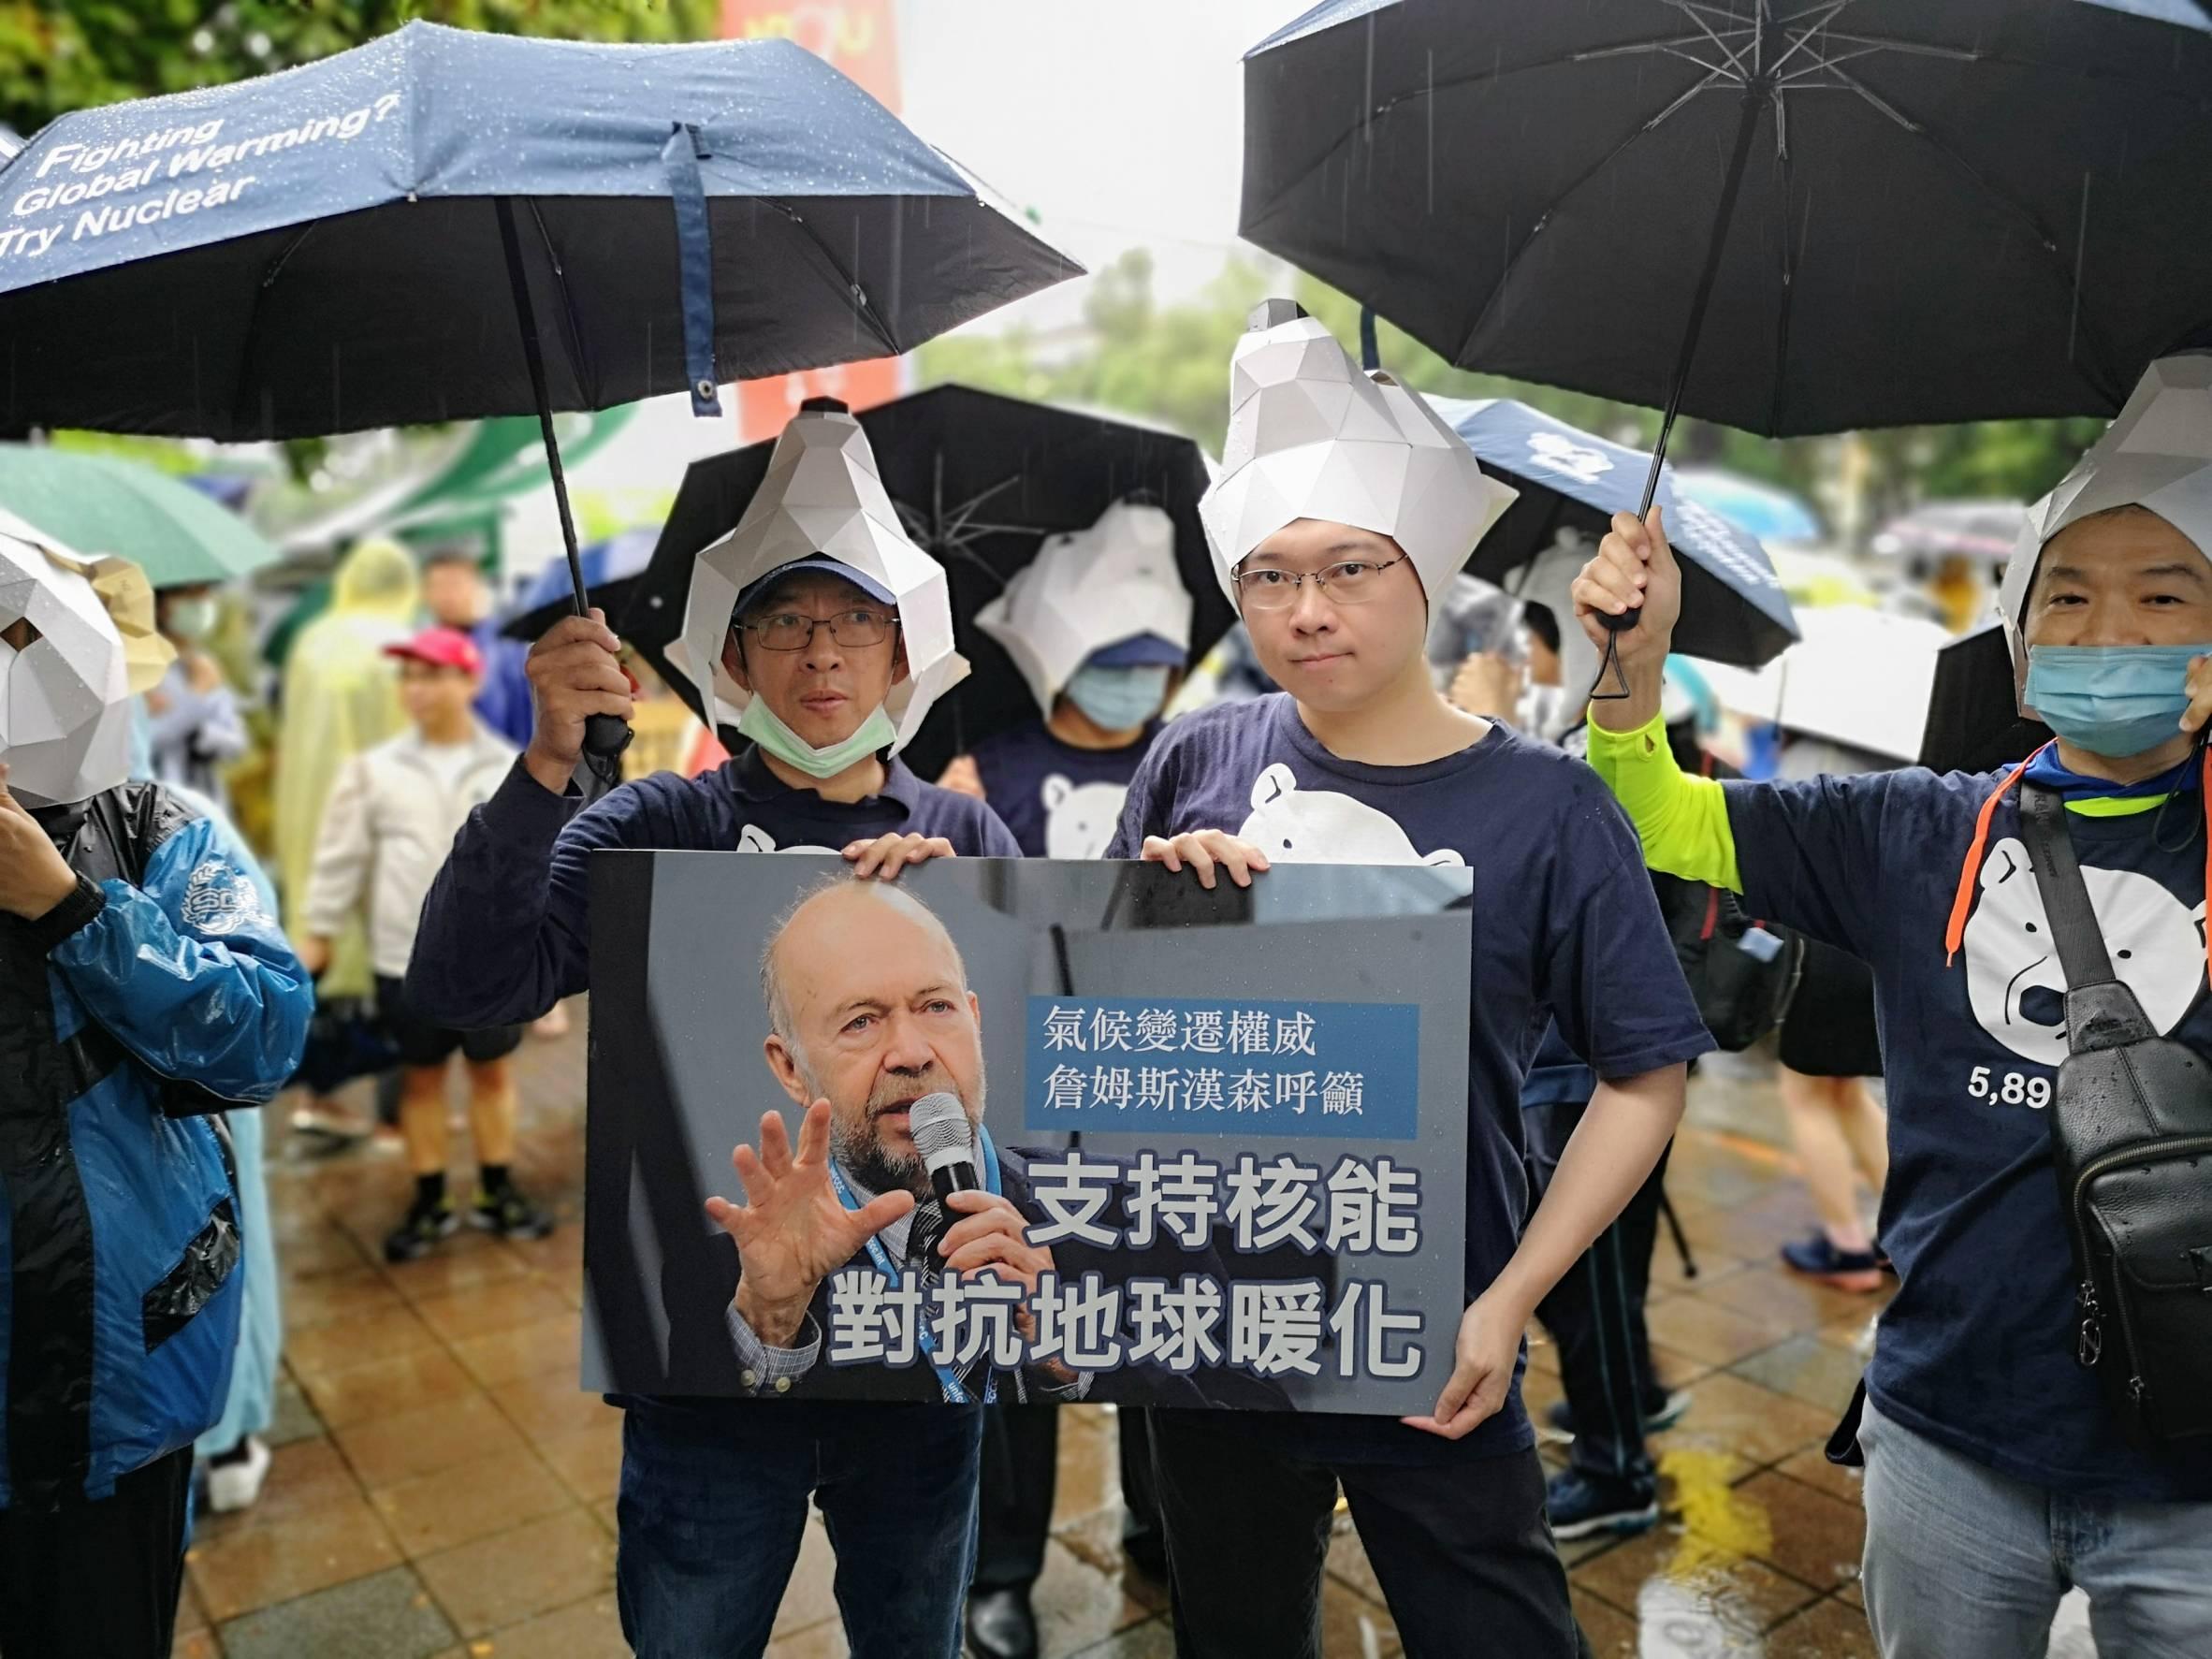 因為認真支持 所以必須緊盯!黃士修:抗暖遊行不是政客布樁場合